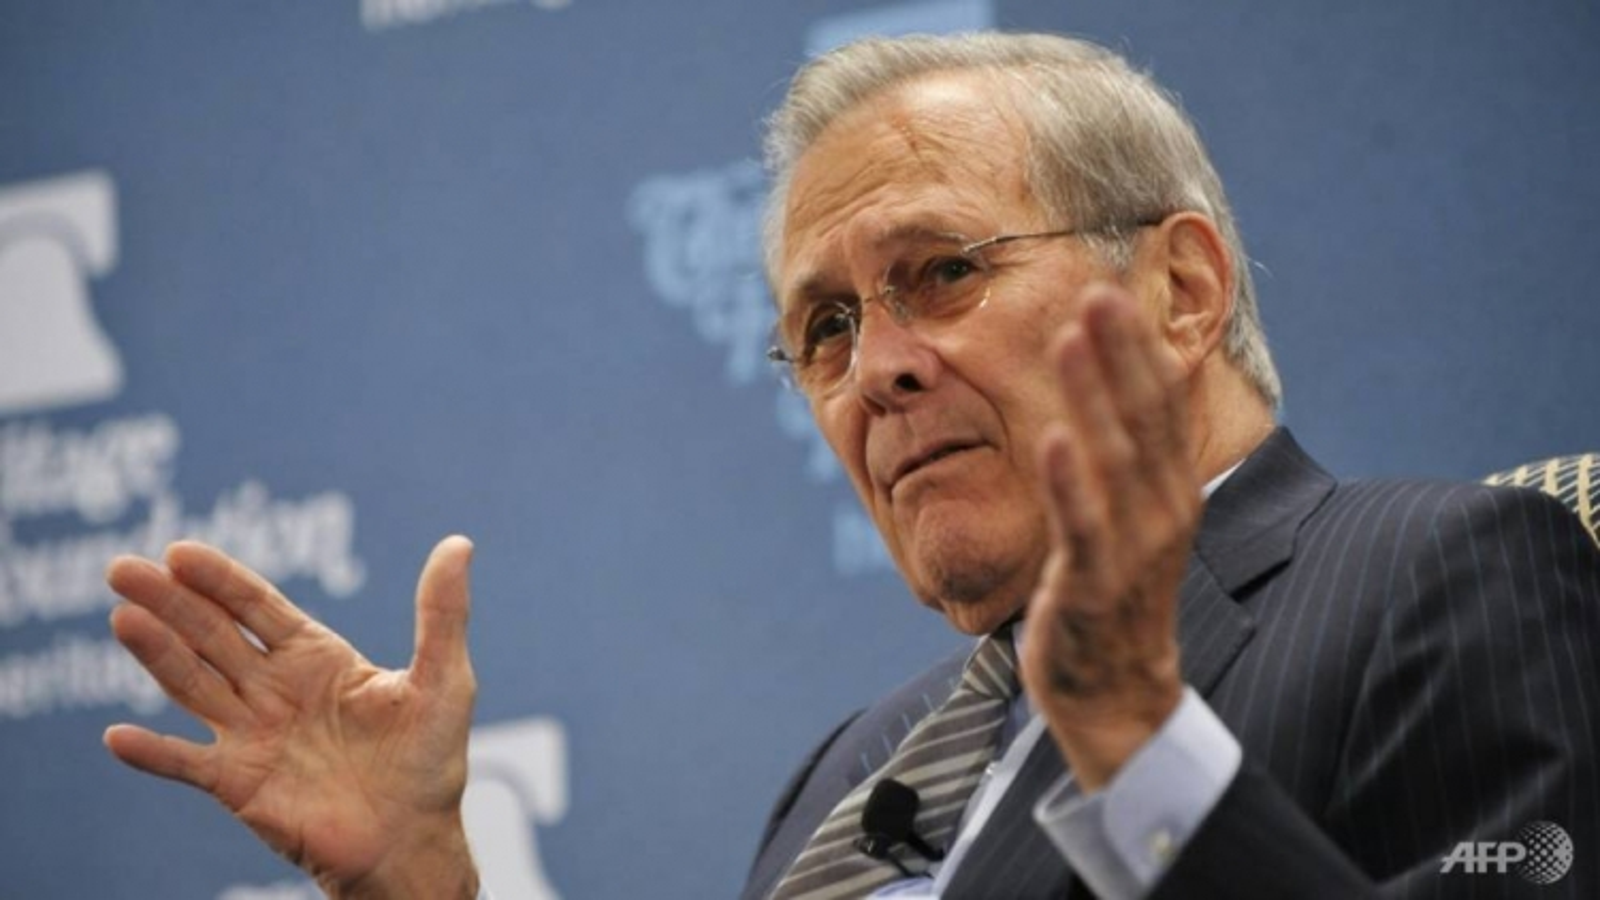 Cựu Bộ trưởng Quốc phòng Mỹ Donald Rumsfeld qua đời ở tuổi 88